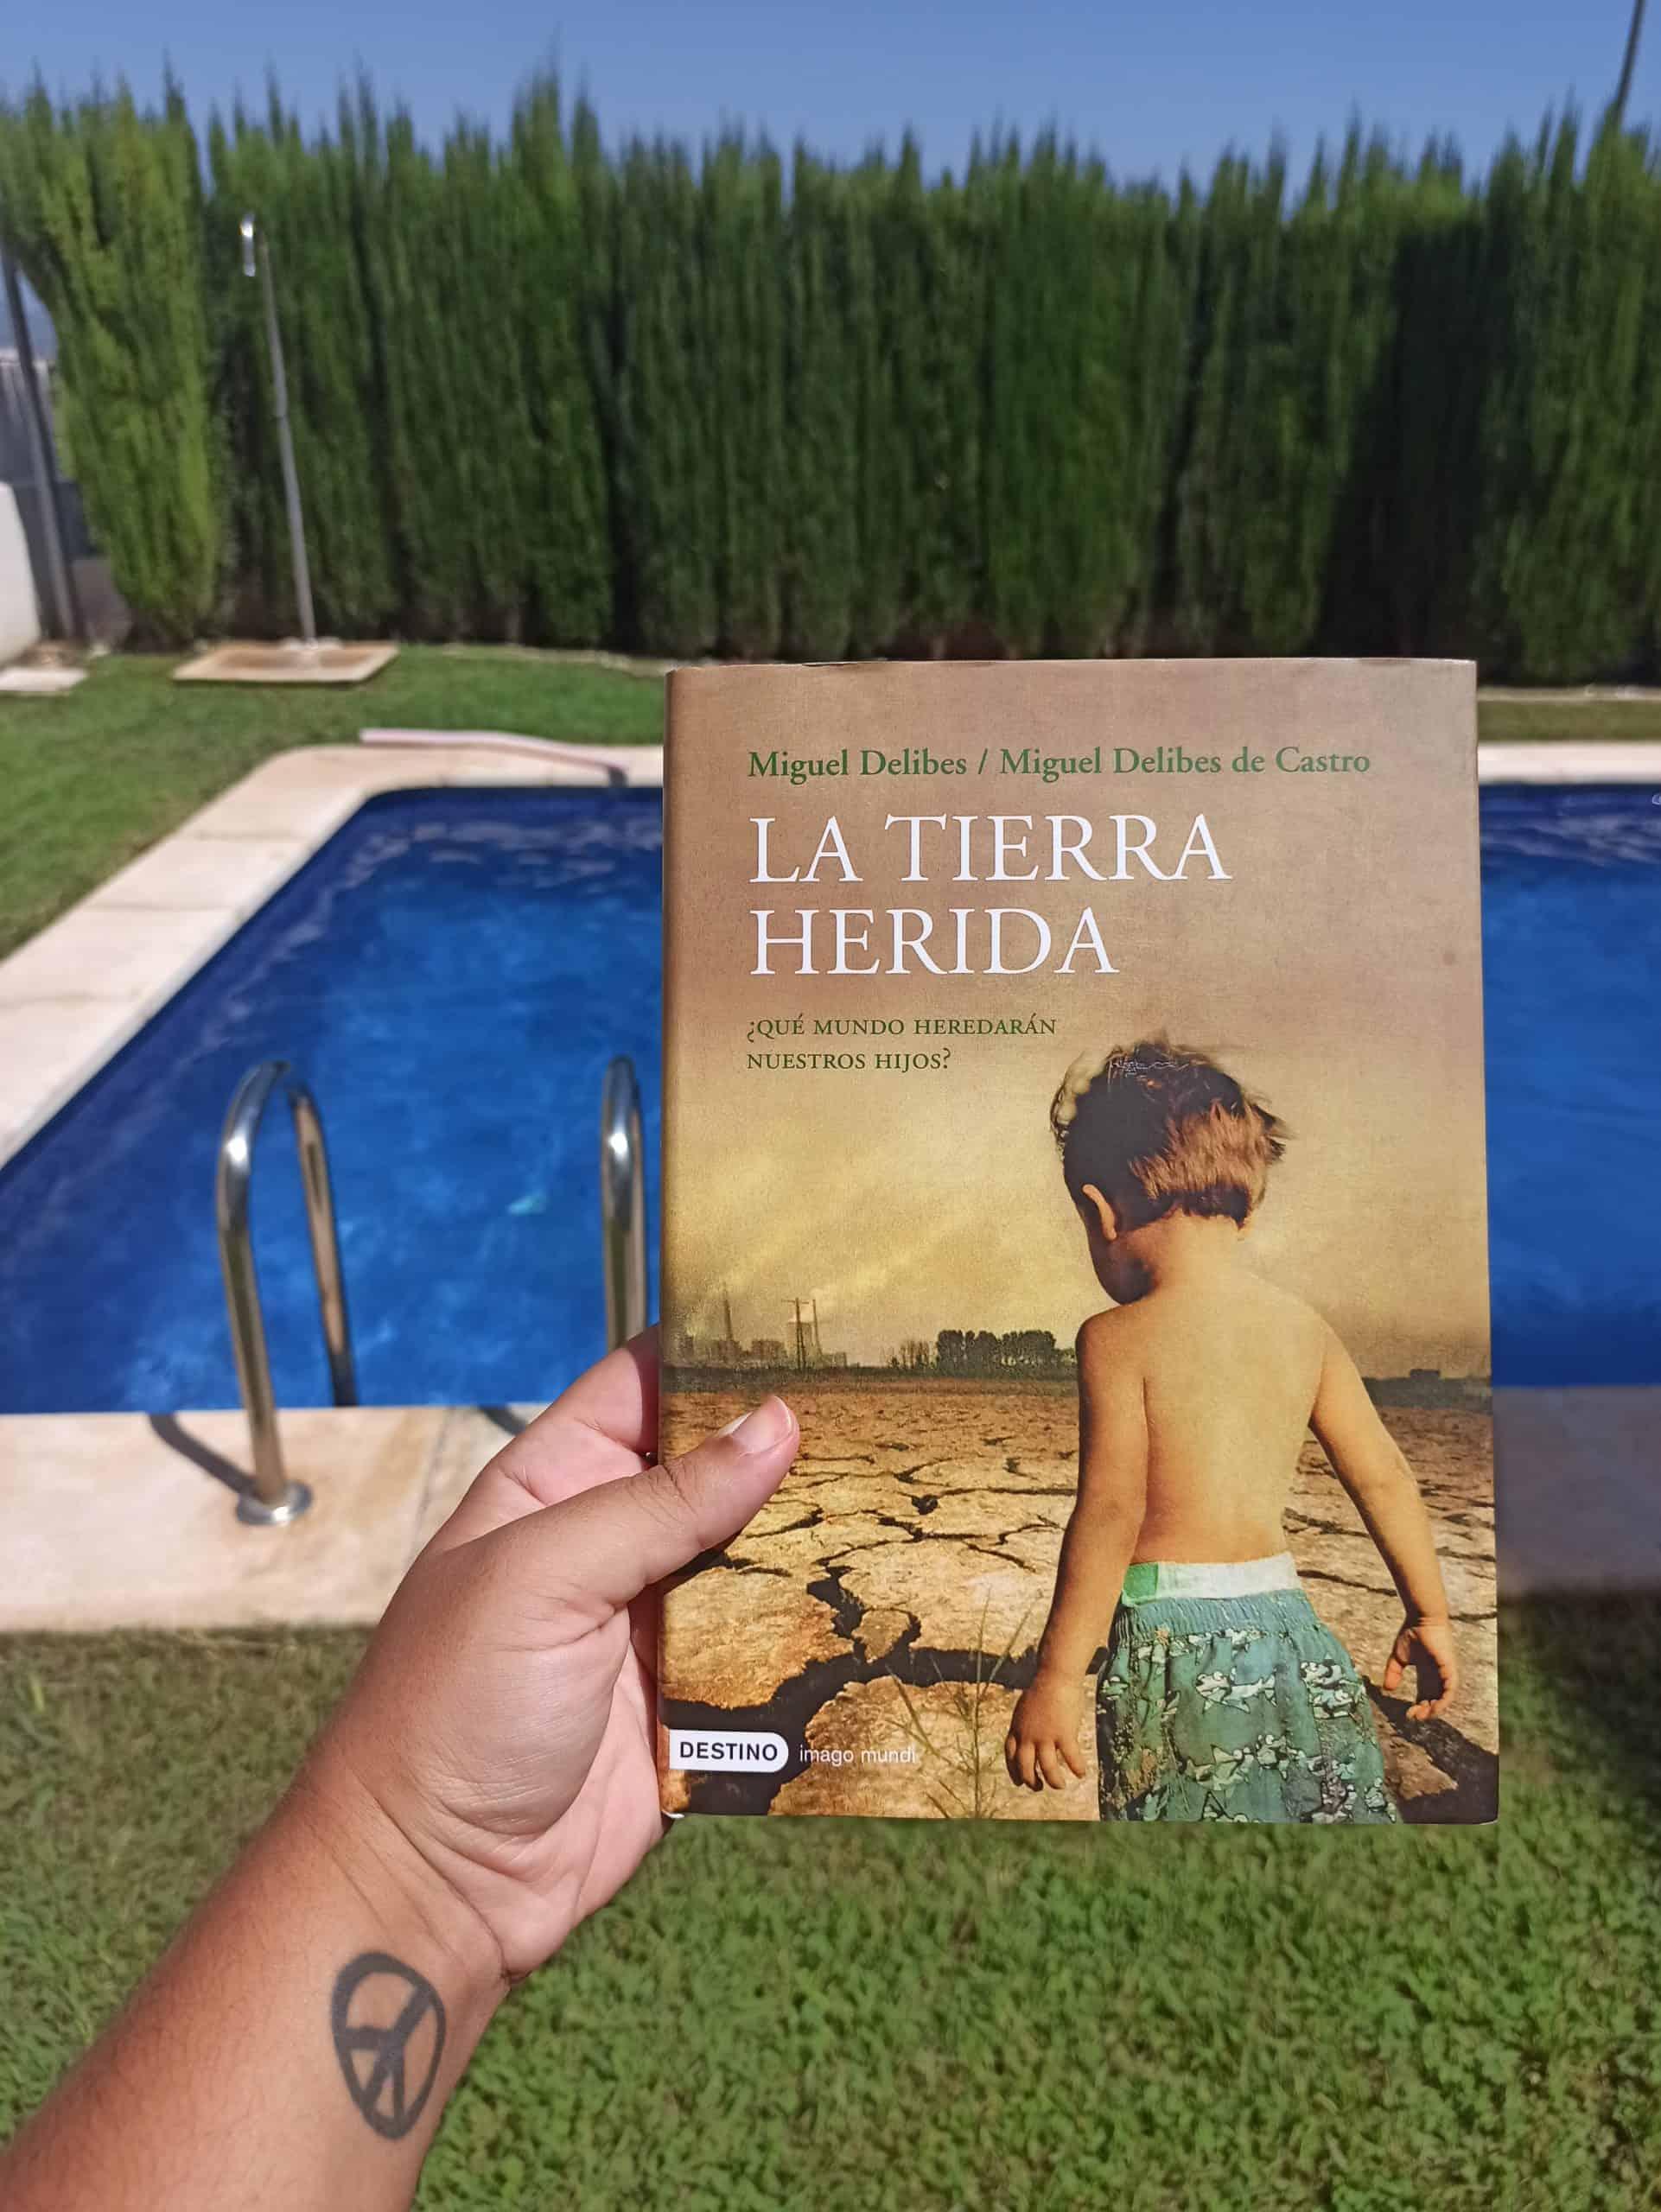 LA TIERRA HERIDA, de Miguel Delibes y Miguel Delibes de Castro.